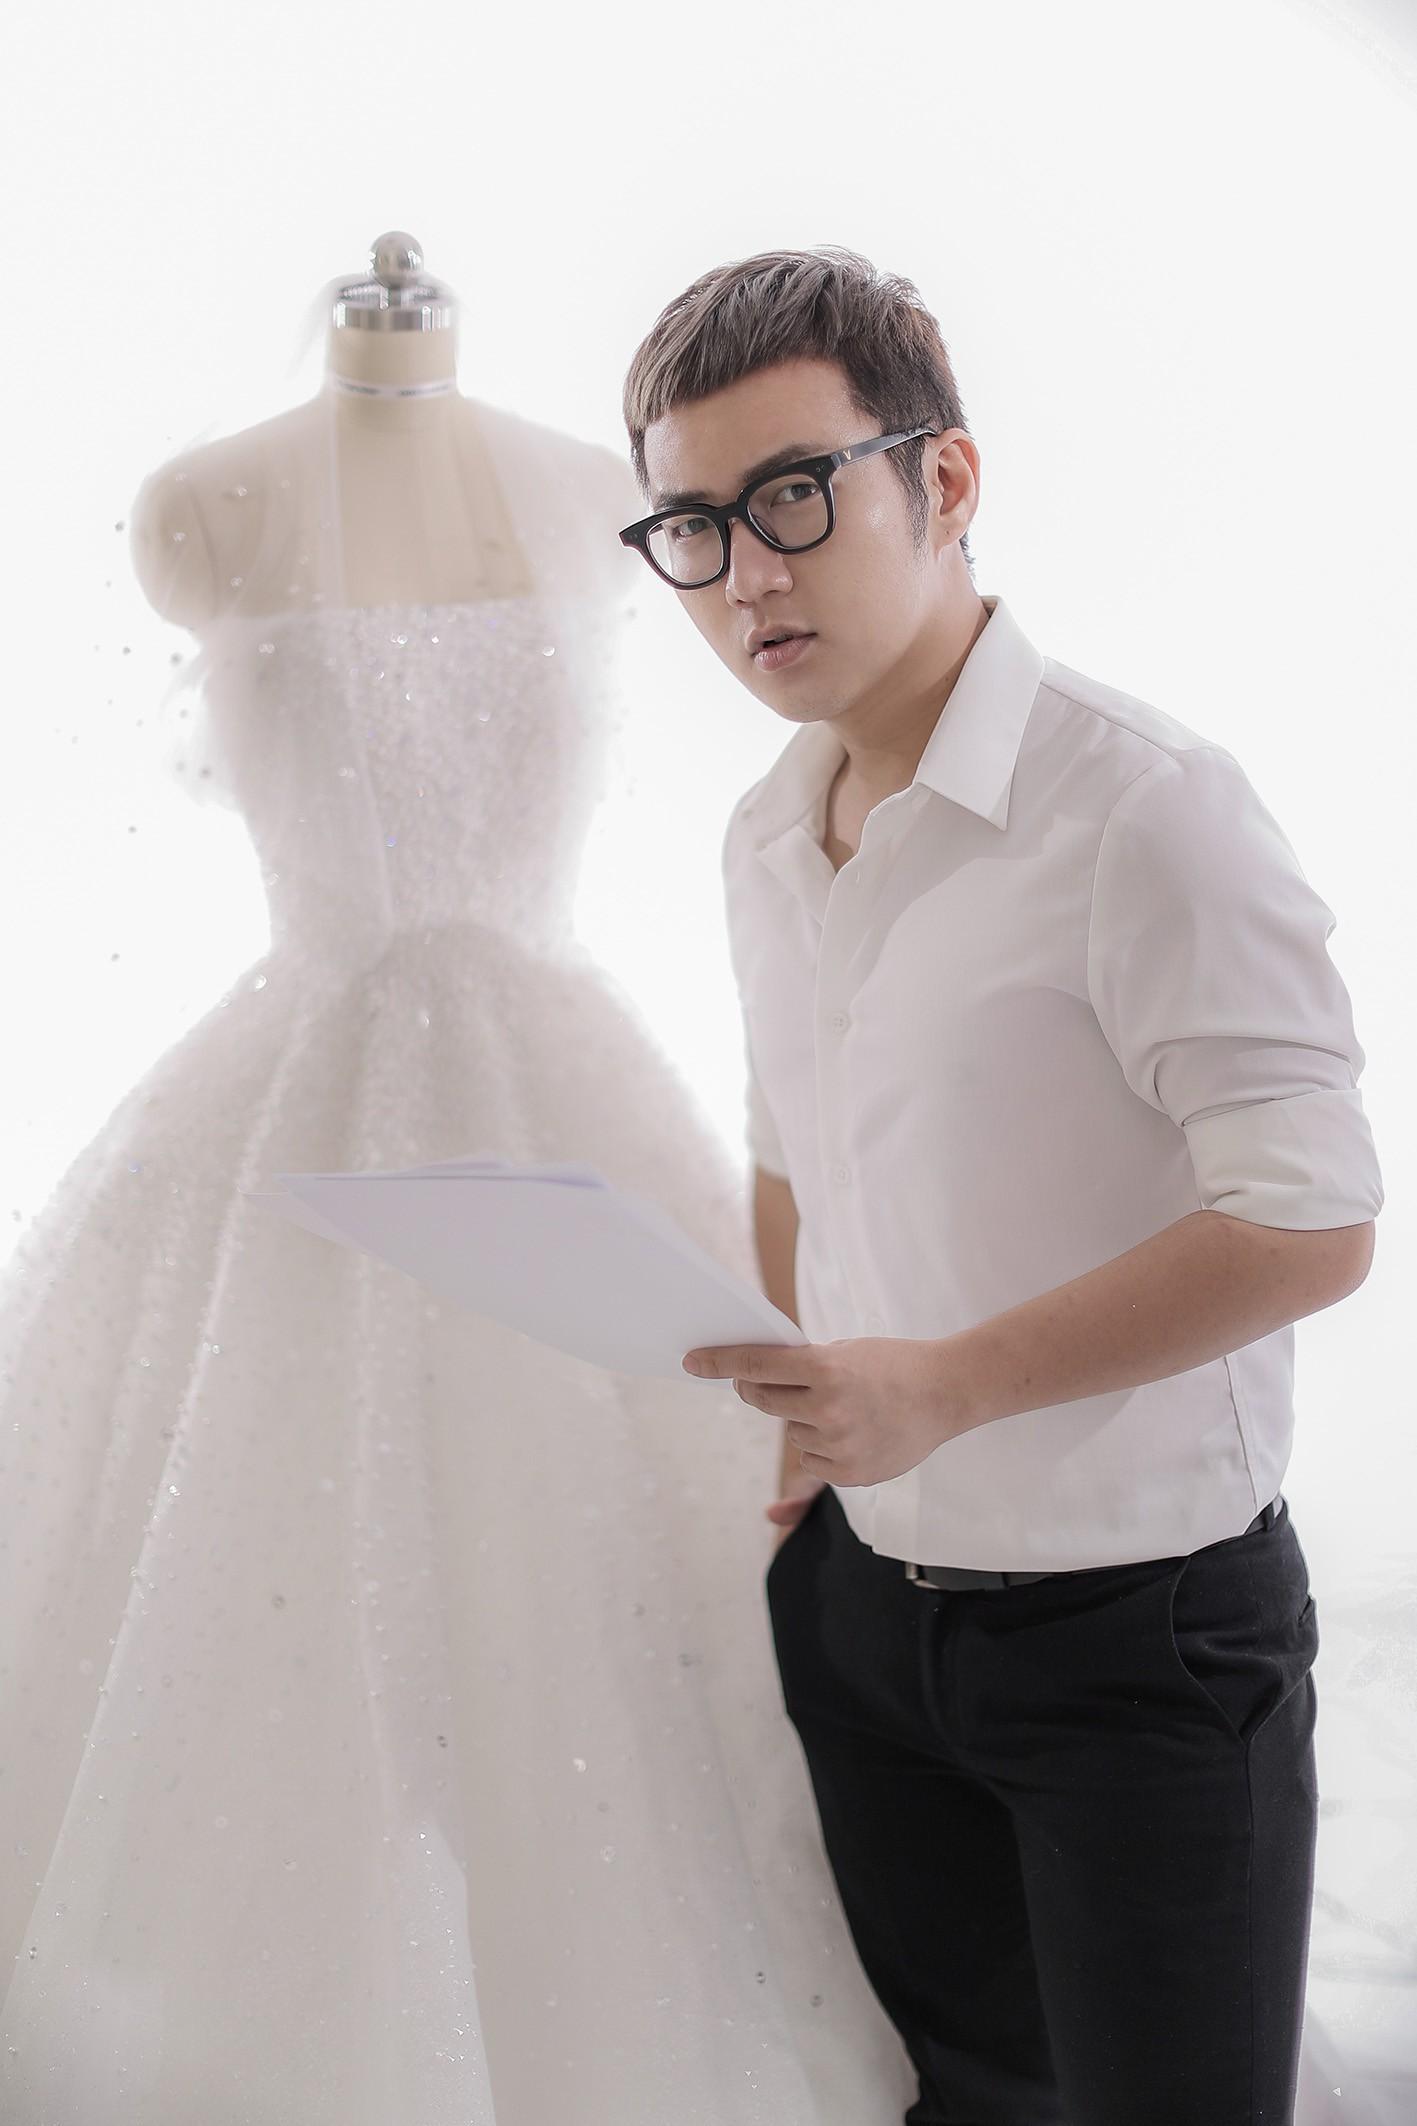 Á hậu Tú Anh lộng lẫy như cô dâu cổ tích khi diện váy cưới đính kết hơn 20.000 viên pha lê trong ngày trọng đại - Ảnh 1.